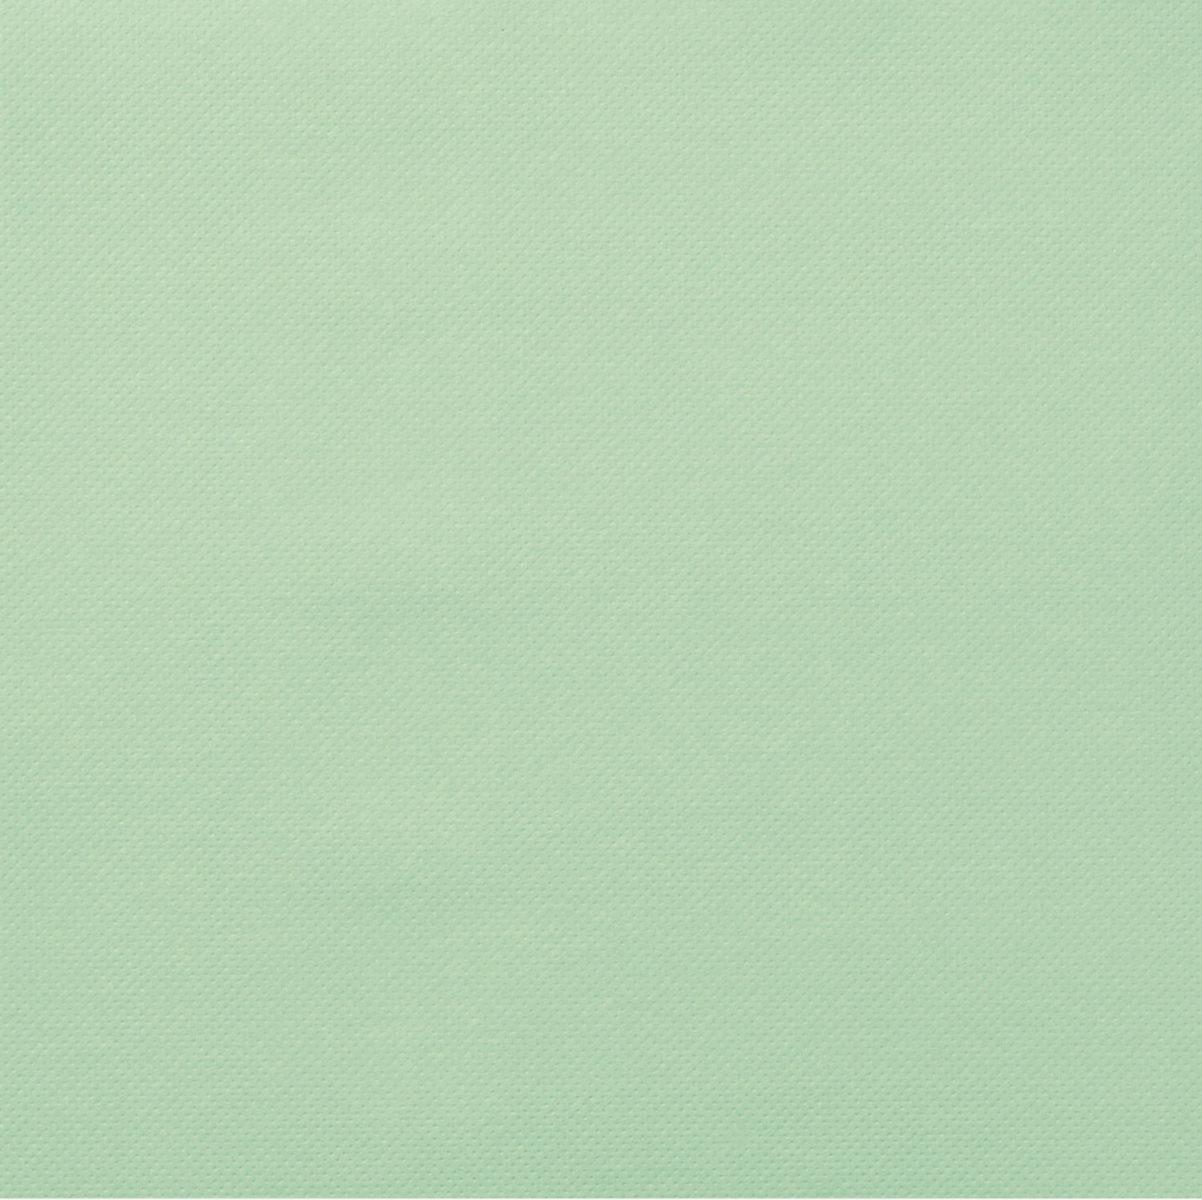 Festivitré 785956 Celi Ouate Vert Opale